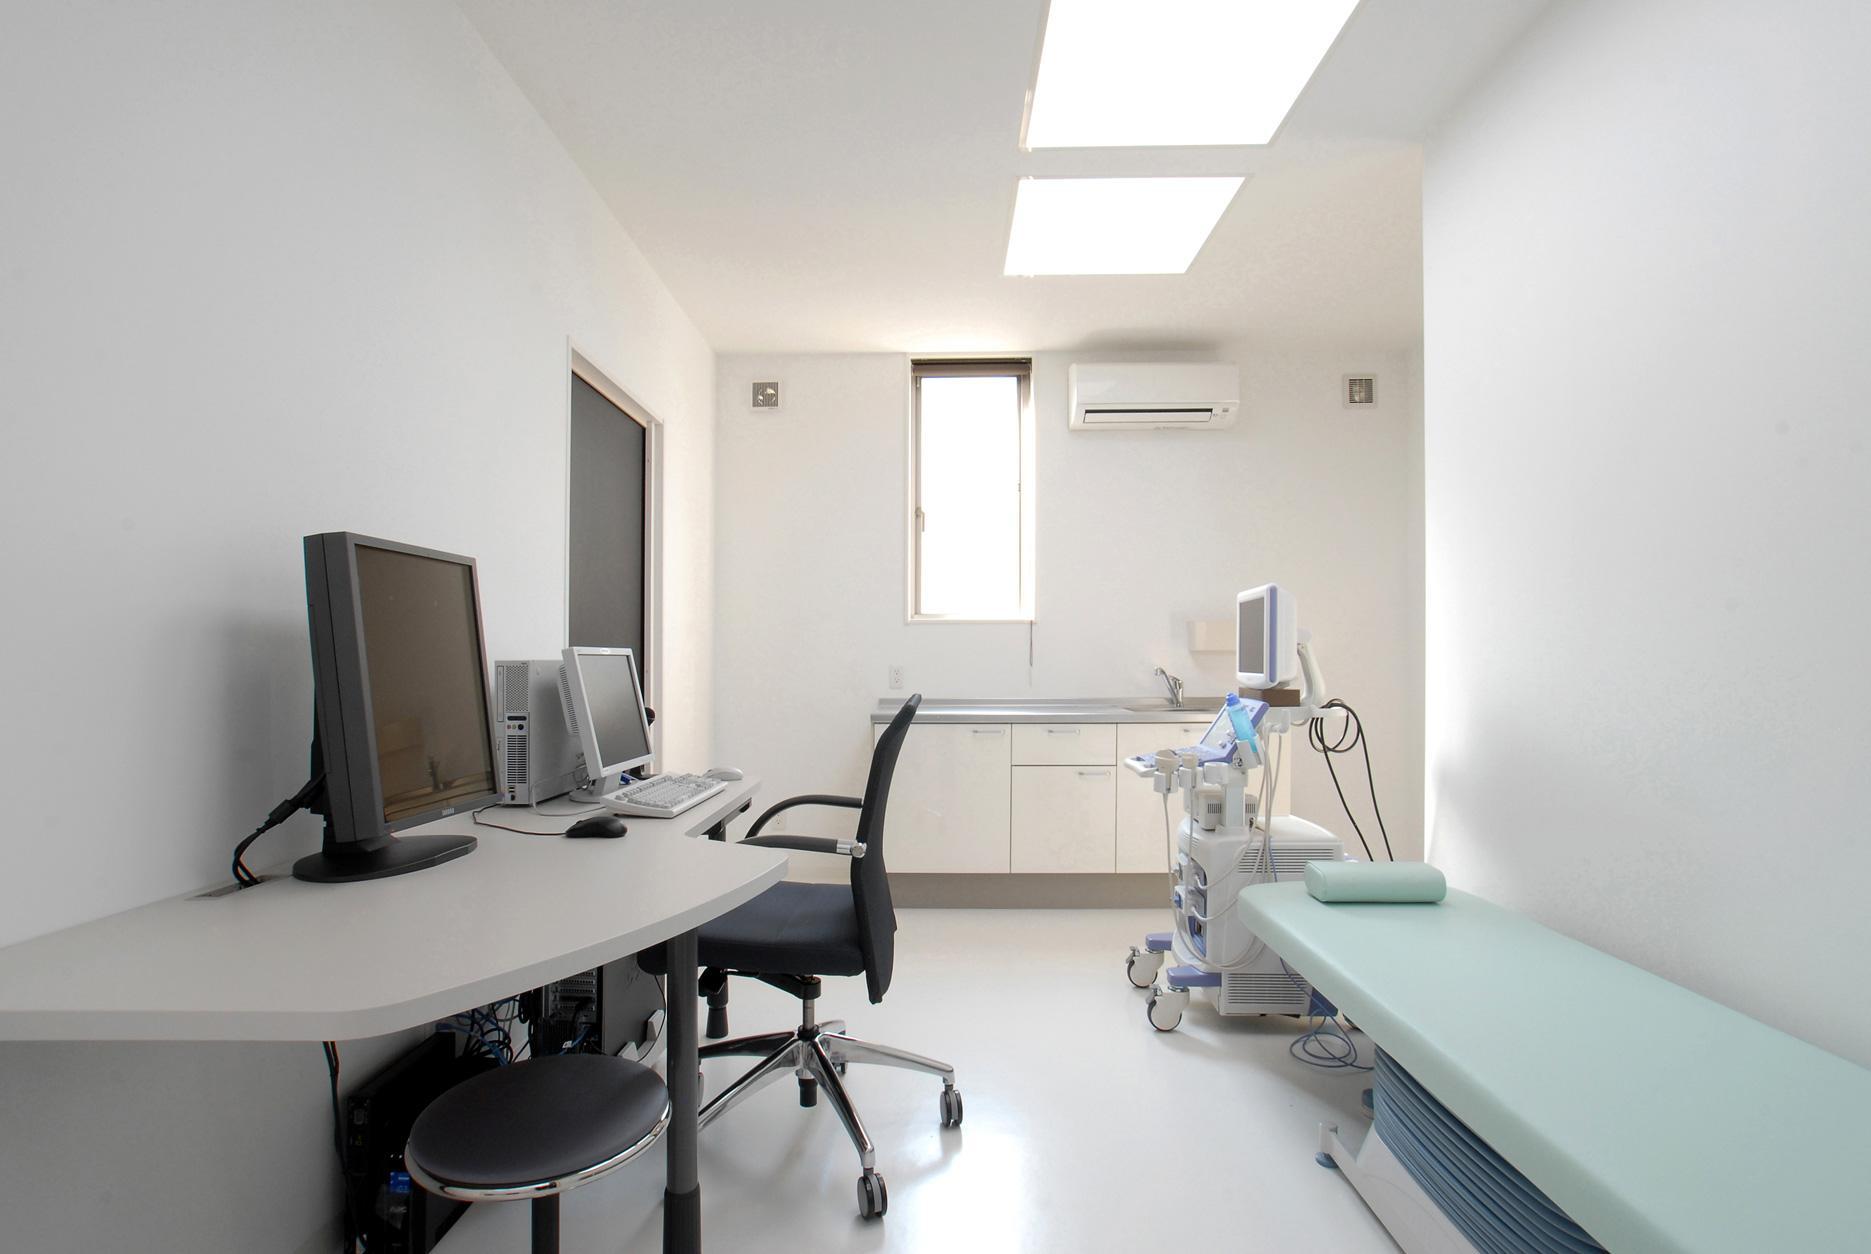 県立大学前クリニック~低く構えた シンプルなクリニック~の写真 クリニック診察室